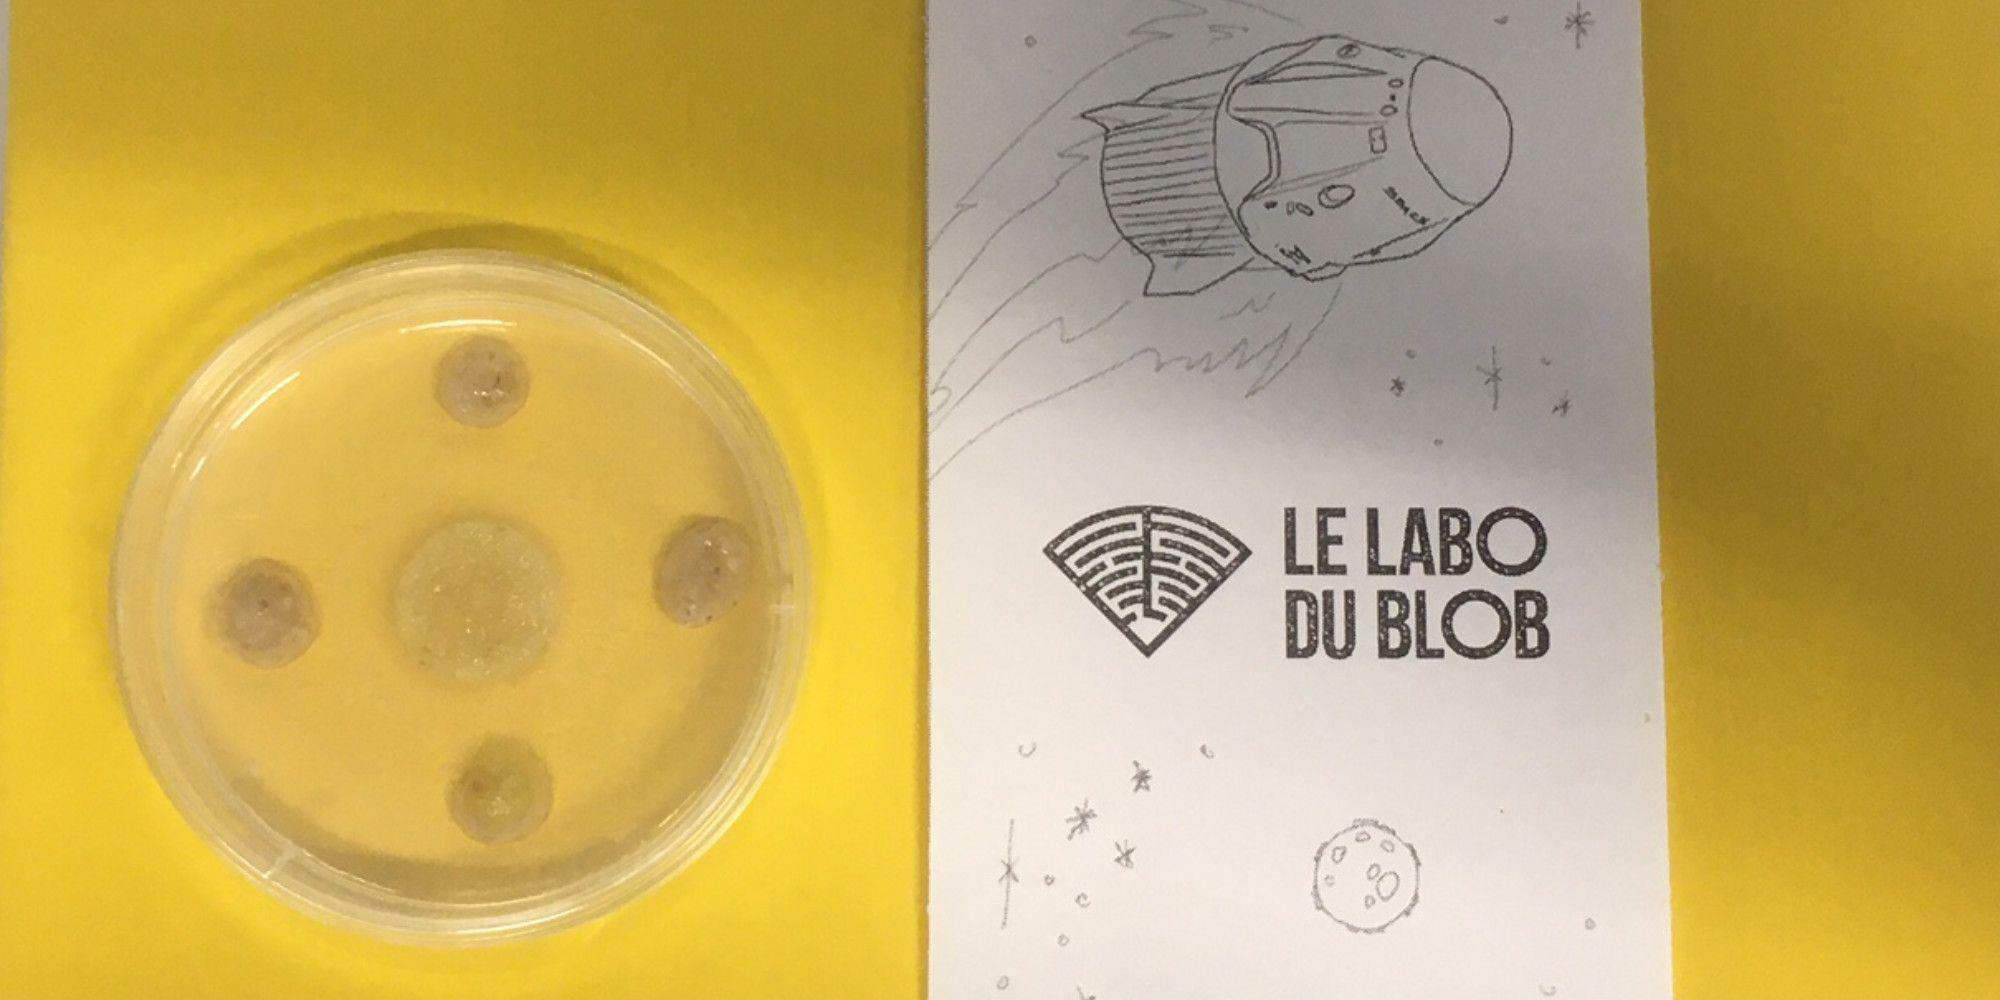 Il est possible de découvrir le blob, grâce à des kits fournis sur le site internet Labo du Blob.